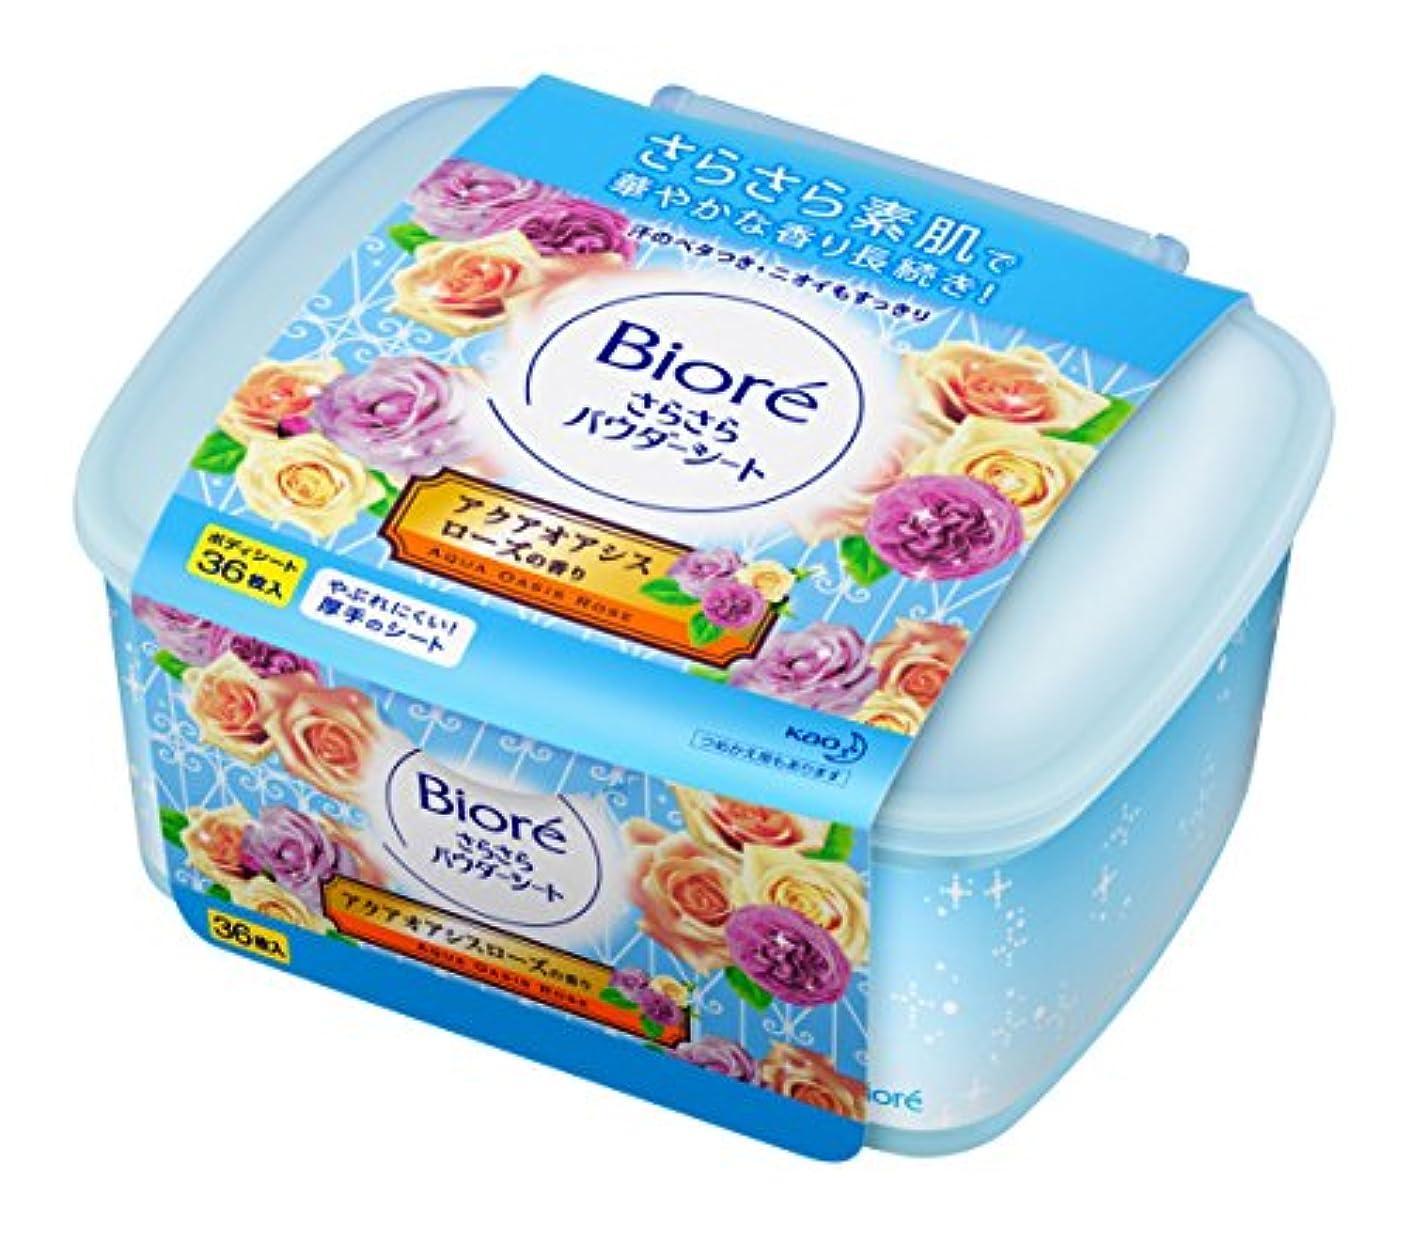 シャワー固執敵対的ビオレ さらさらパウダーシート アクアオアシスローズの香り  本体 36枚